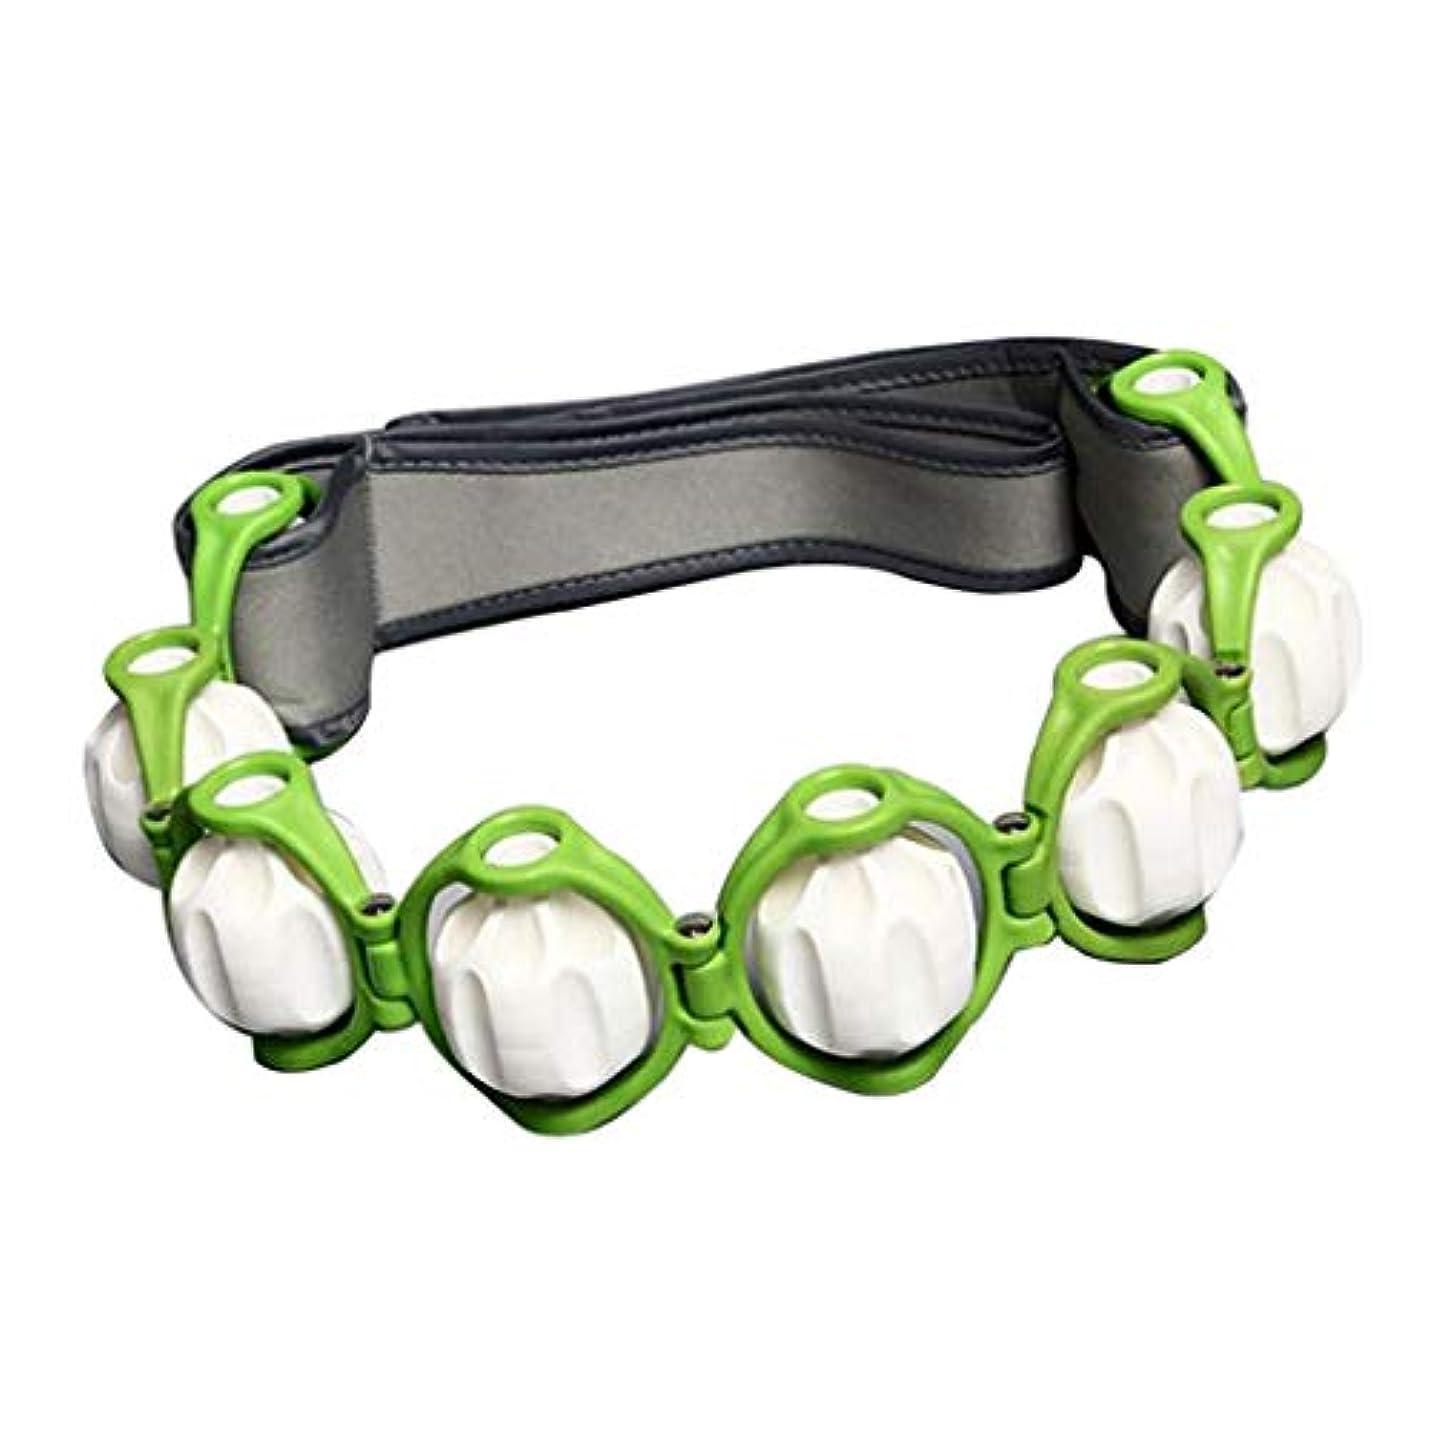 劇作家うがい薬圧倒的トリガーポイントノードローリングボール付きハンドヘルドフルボディマッサージローラーロープ - 緑, 説明したように